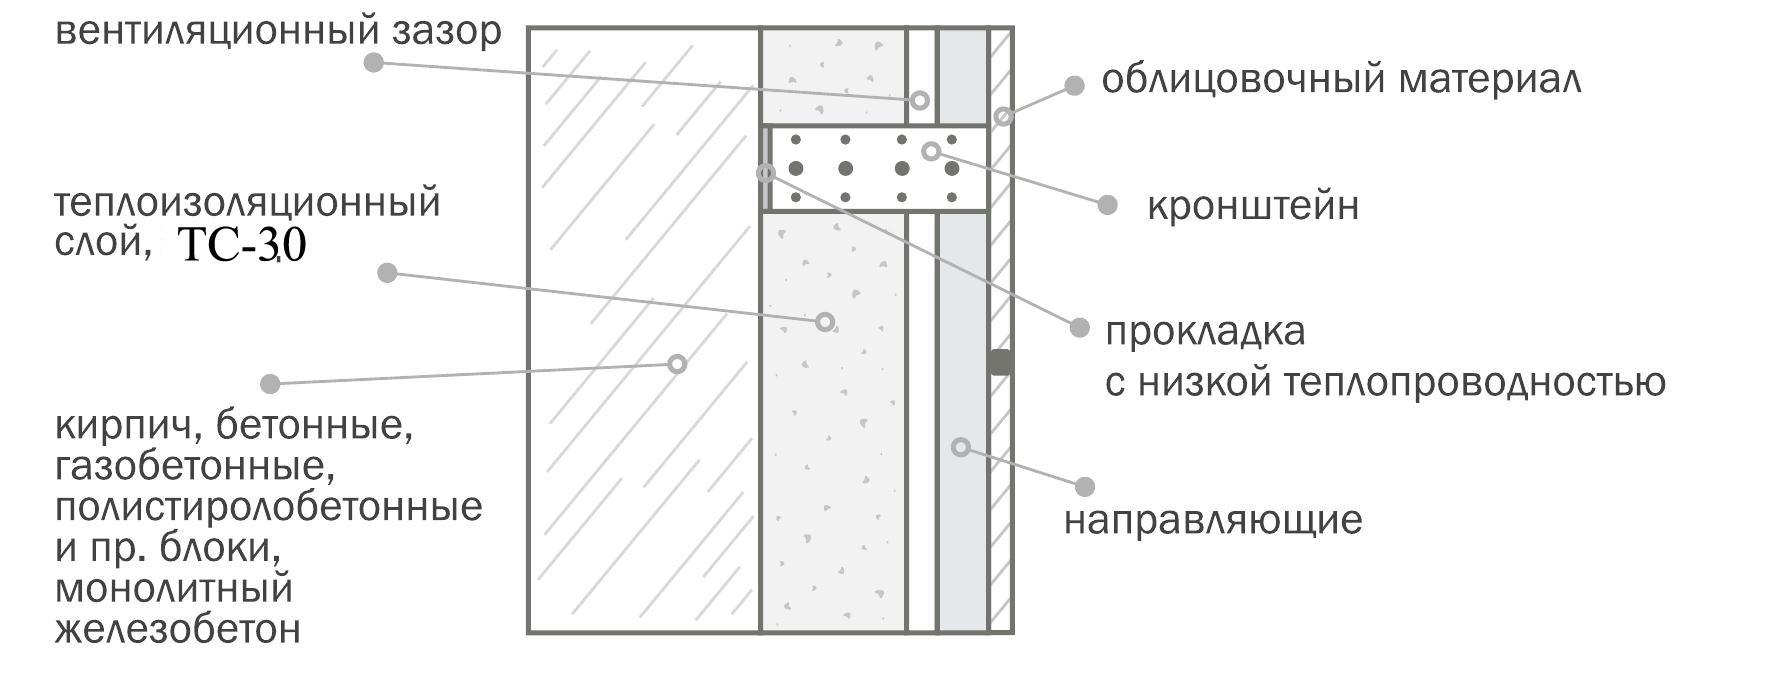 Как сделать расчет вентиляции: формулы и пример расчёта приточно-вытяжной системы